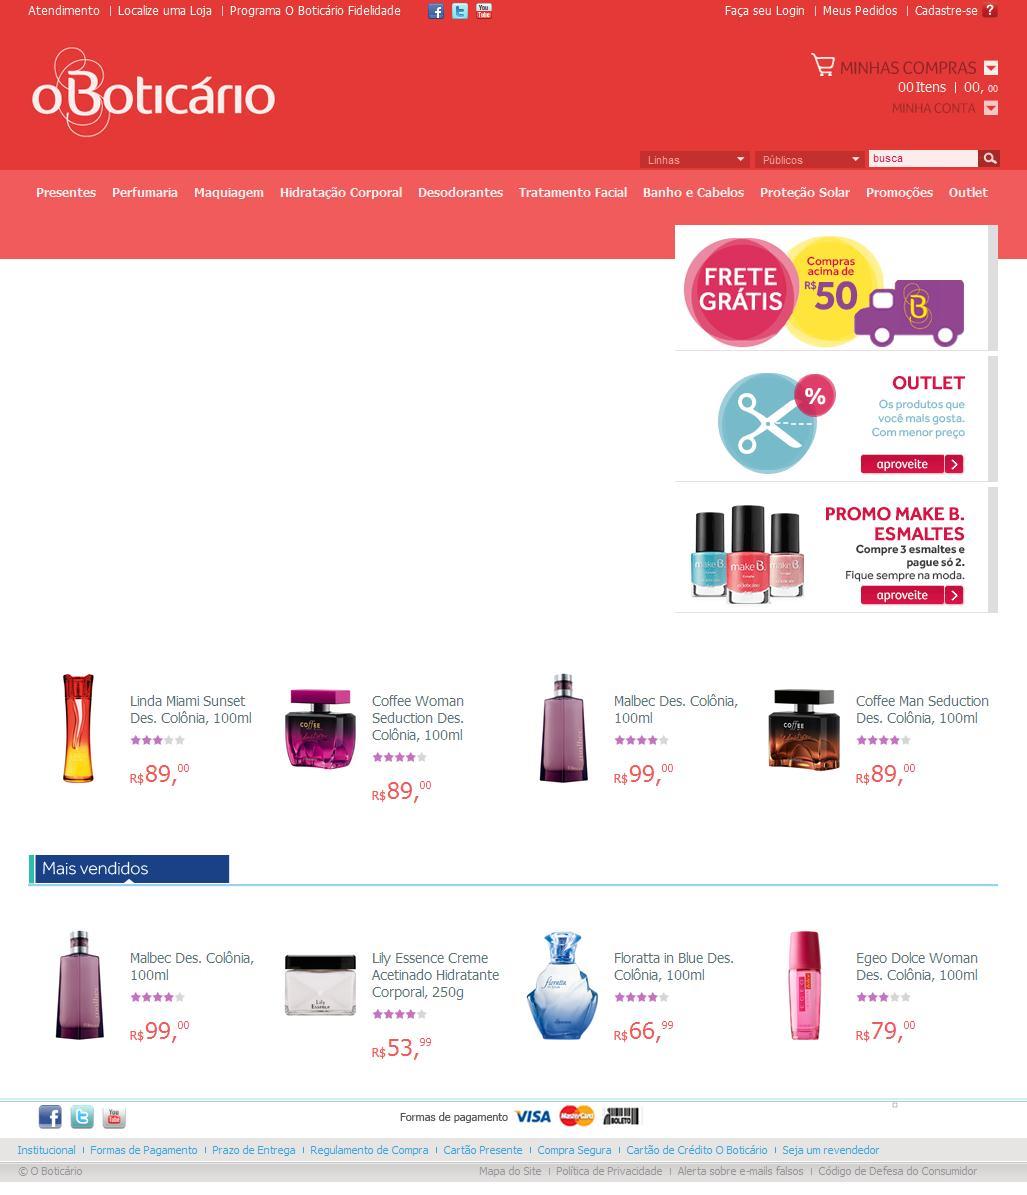 O Boticário - compre perfumes, maquiagens, cosméticos e presentes